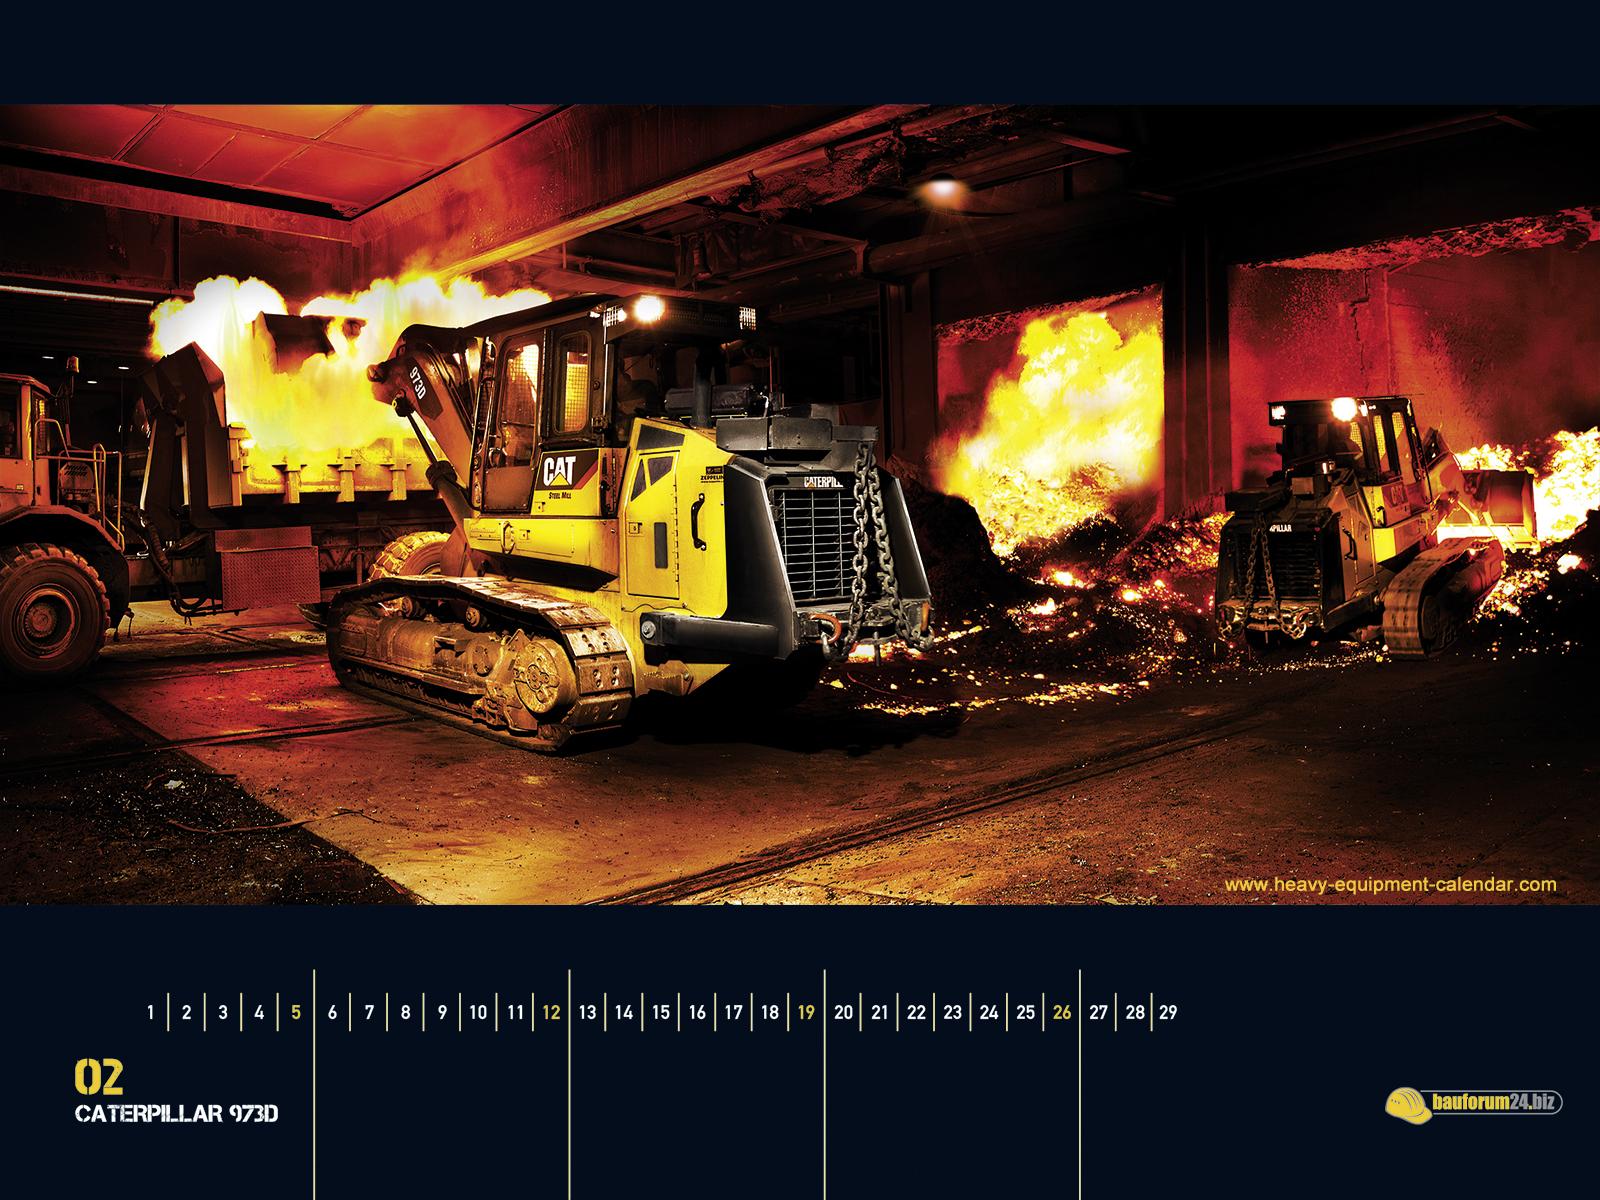 CATERPILLAR 973D Heavy Equipment Calendar 1600x1200